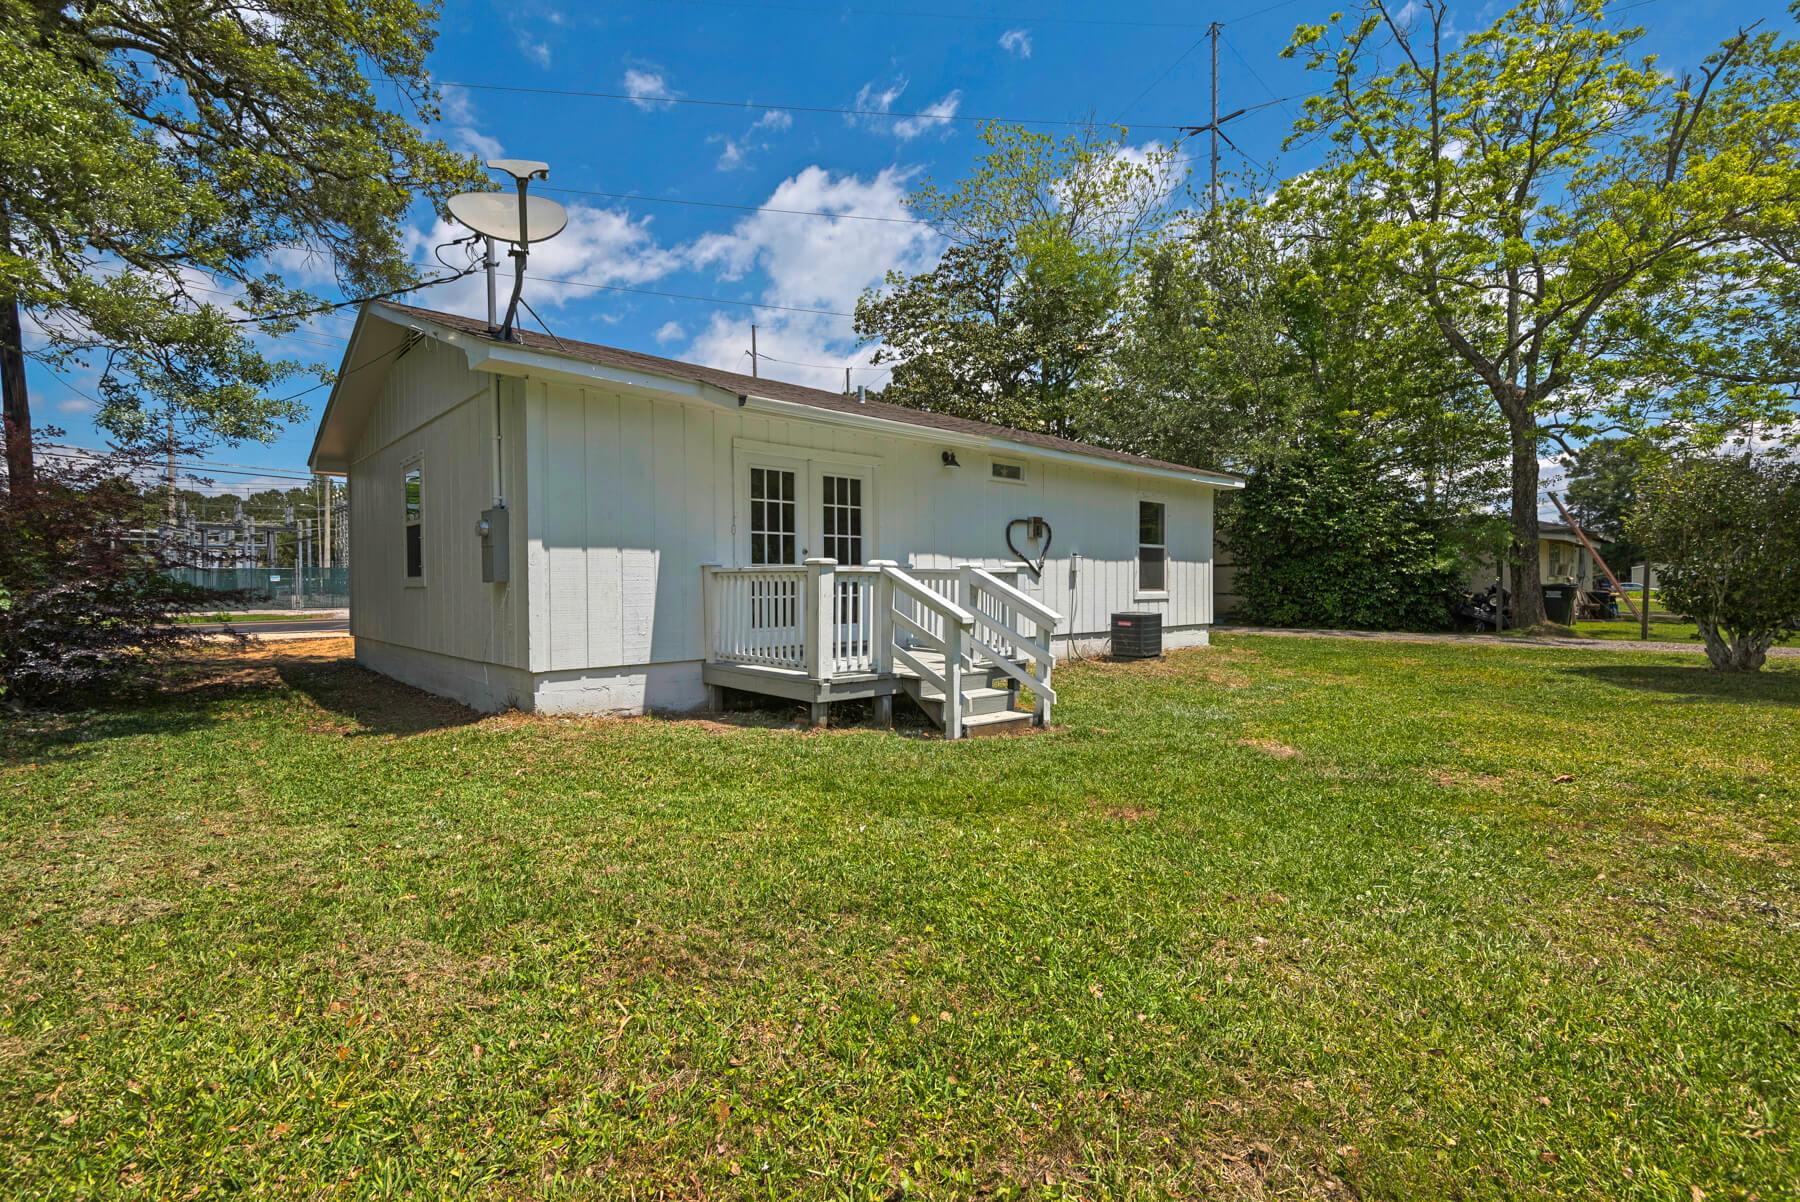 7466 Twin Beech Road Fairhope for Sale Urban Property backyard view 5